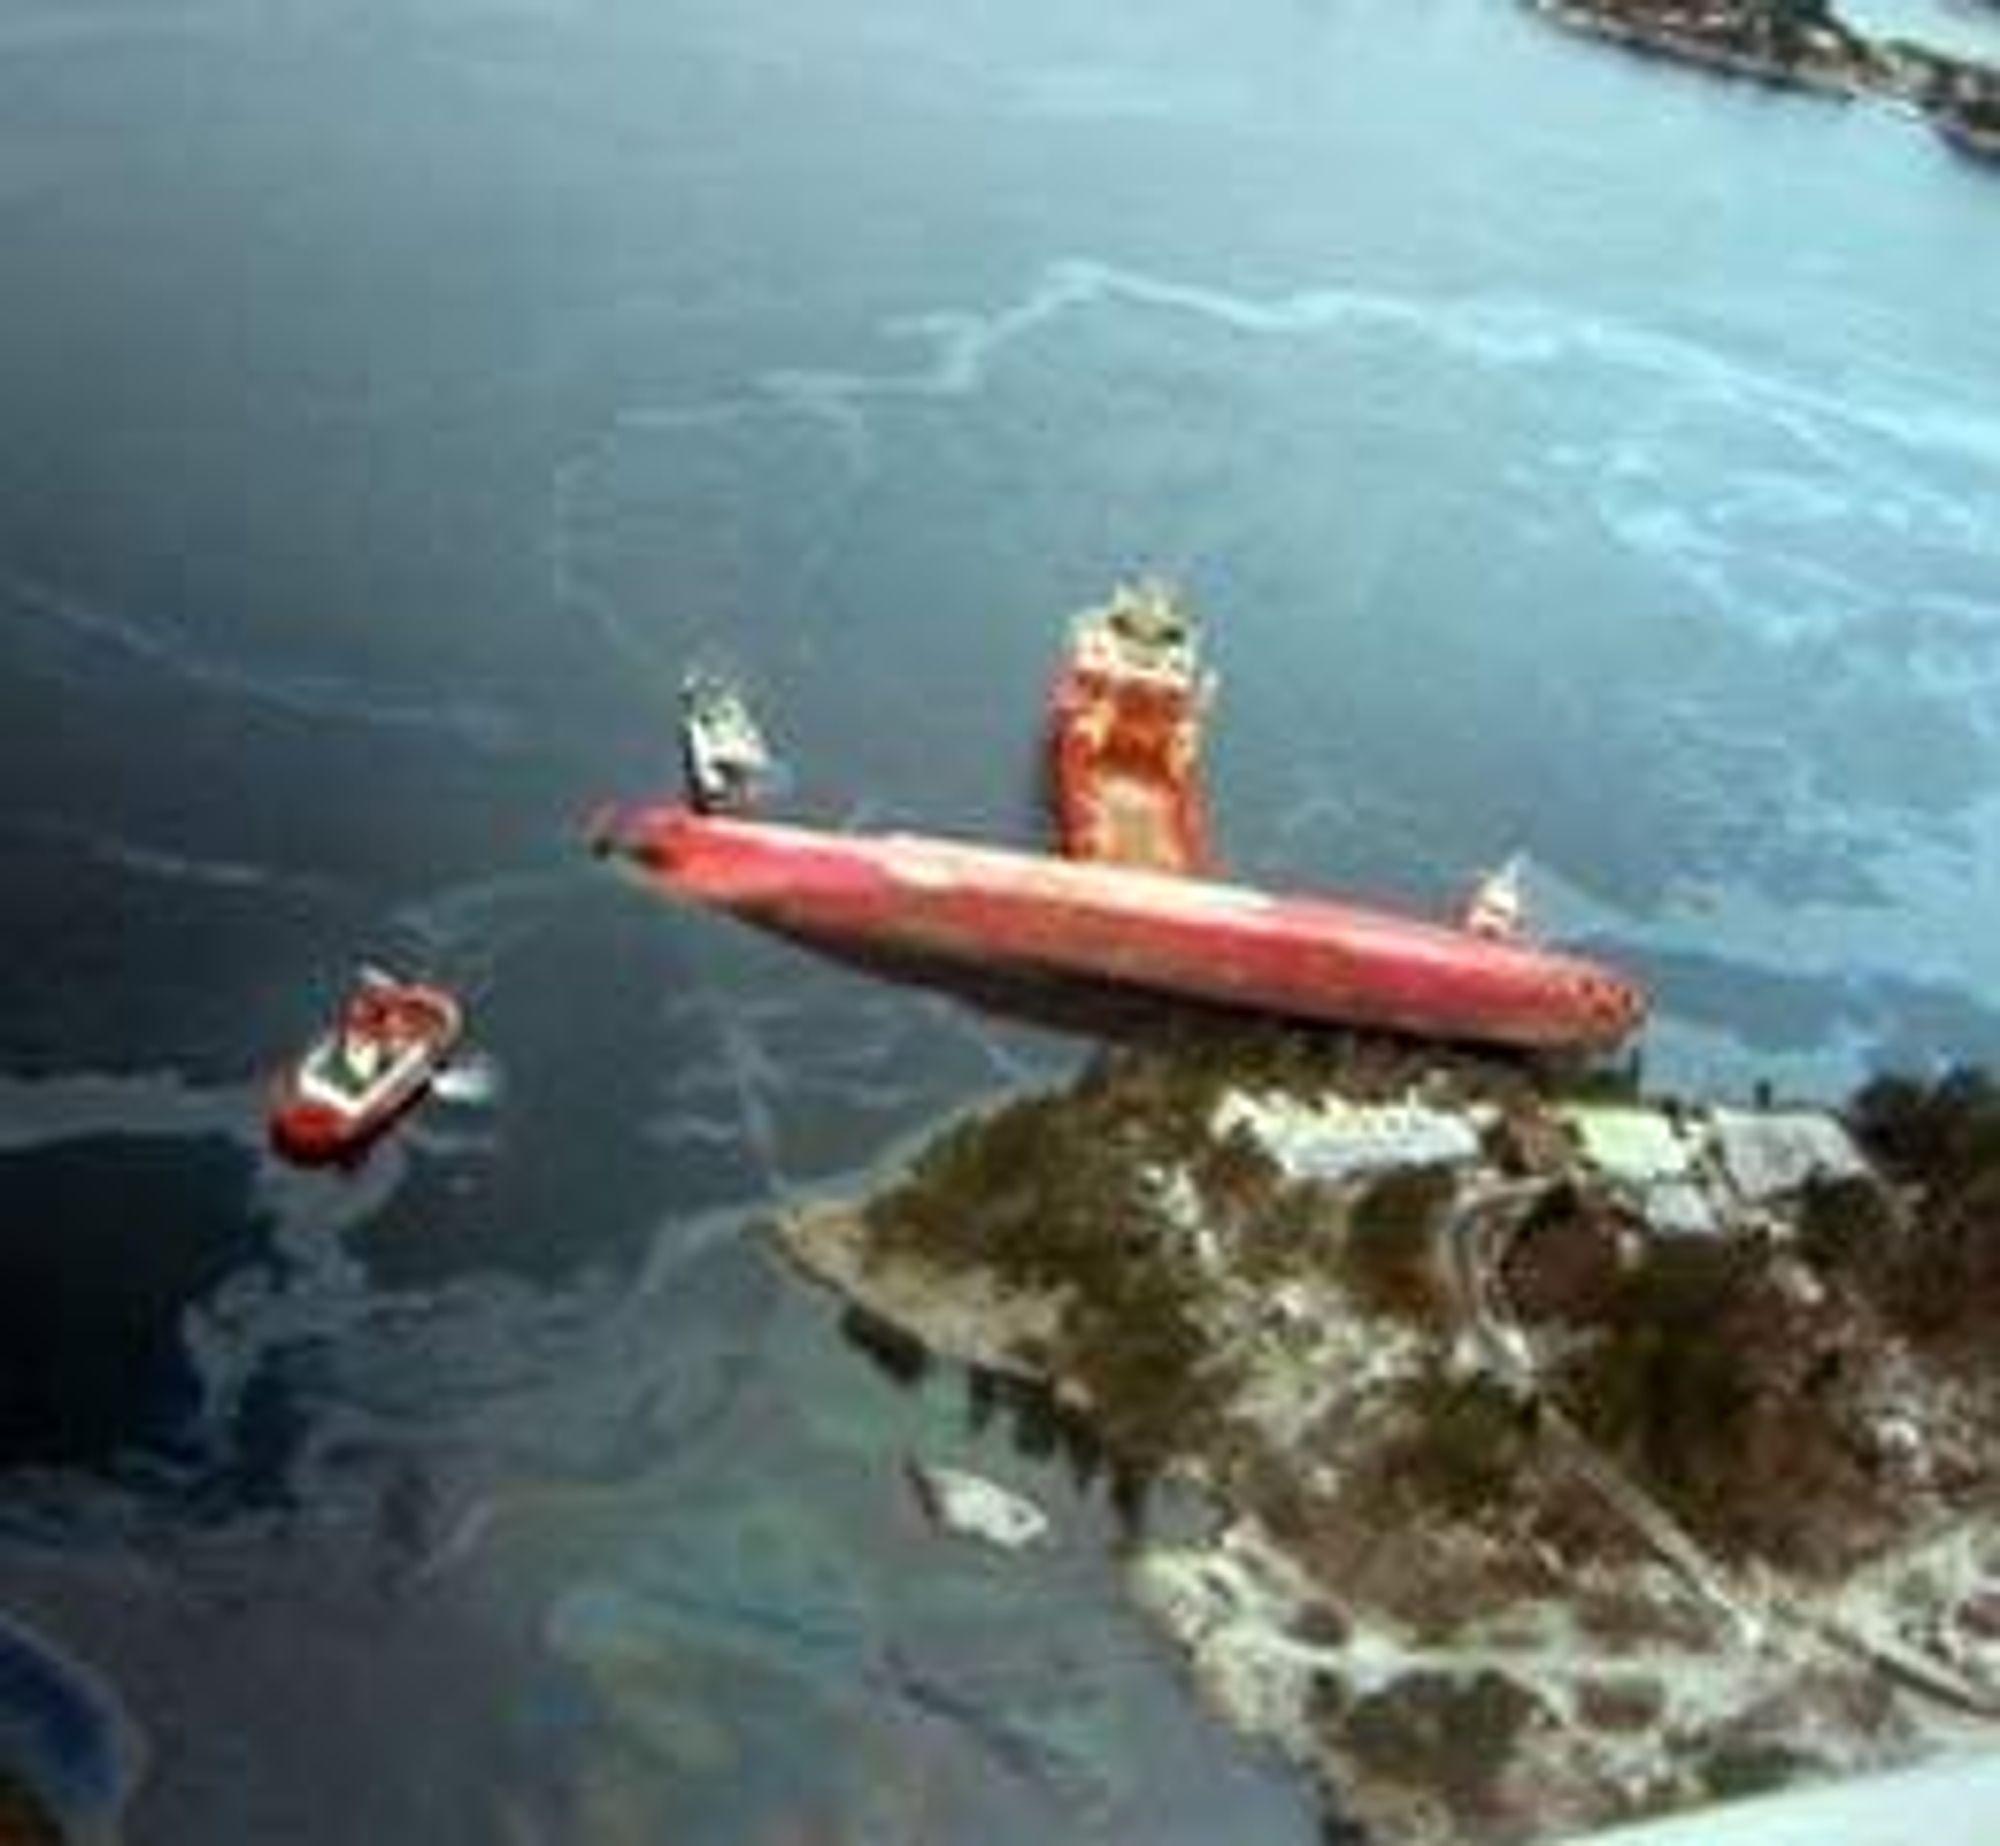 Rocknes skal ha vært borte i undervansskjær tre ganger før skipet krenget kraftig og kantret. Spørsmålet er hvordan kantringen kunne skje - og hvorfor så raskt. Foto: Kystverket